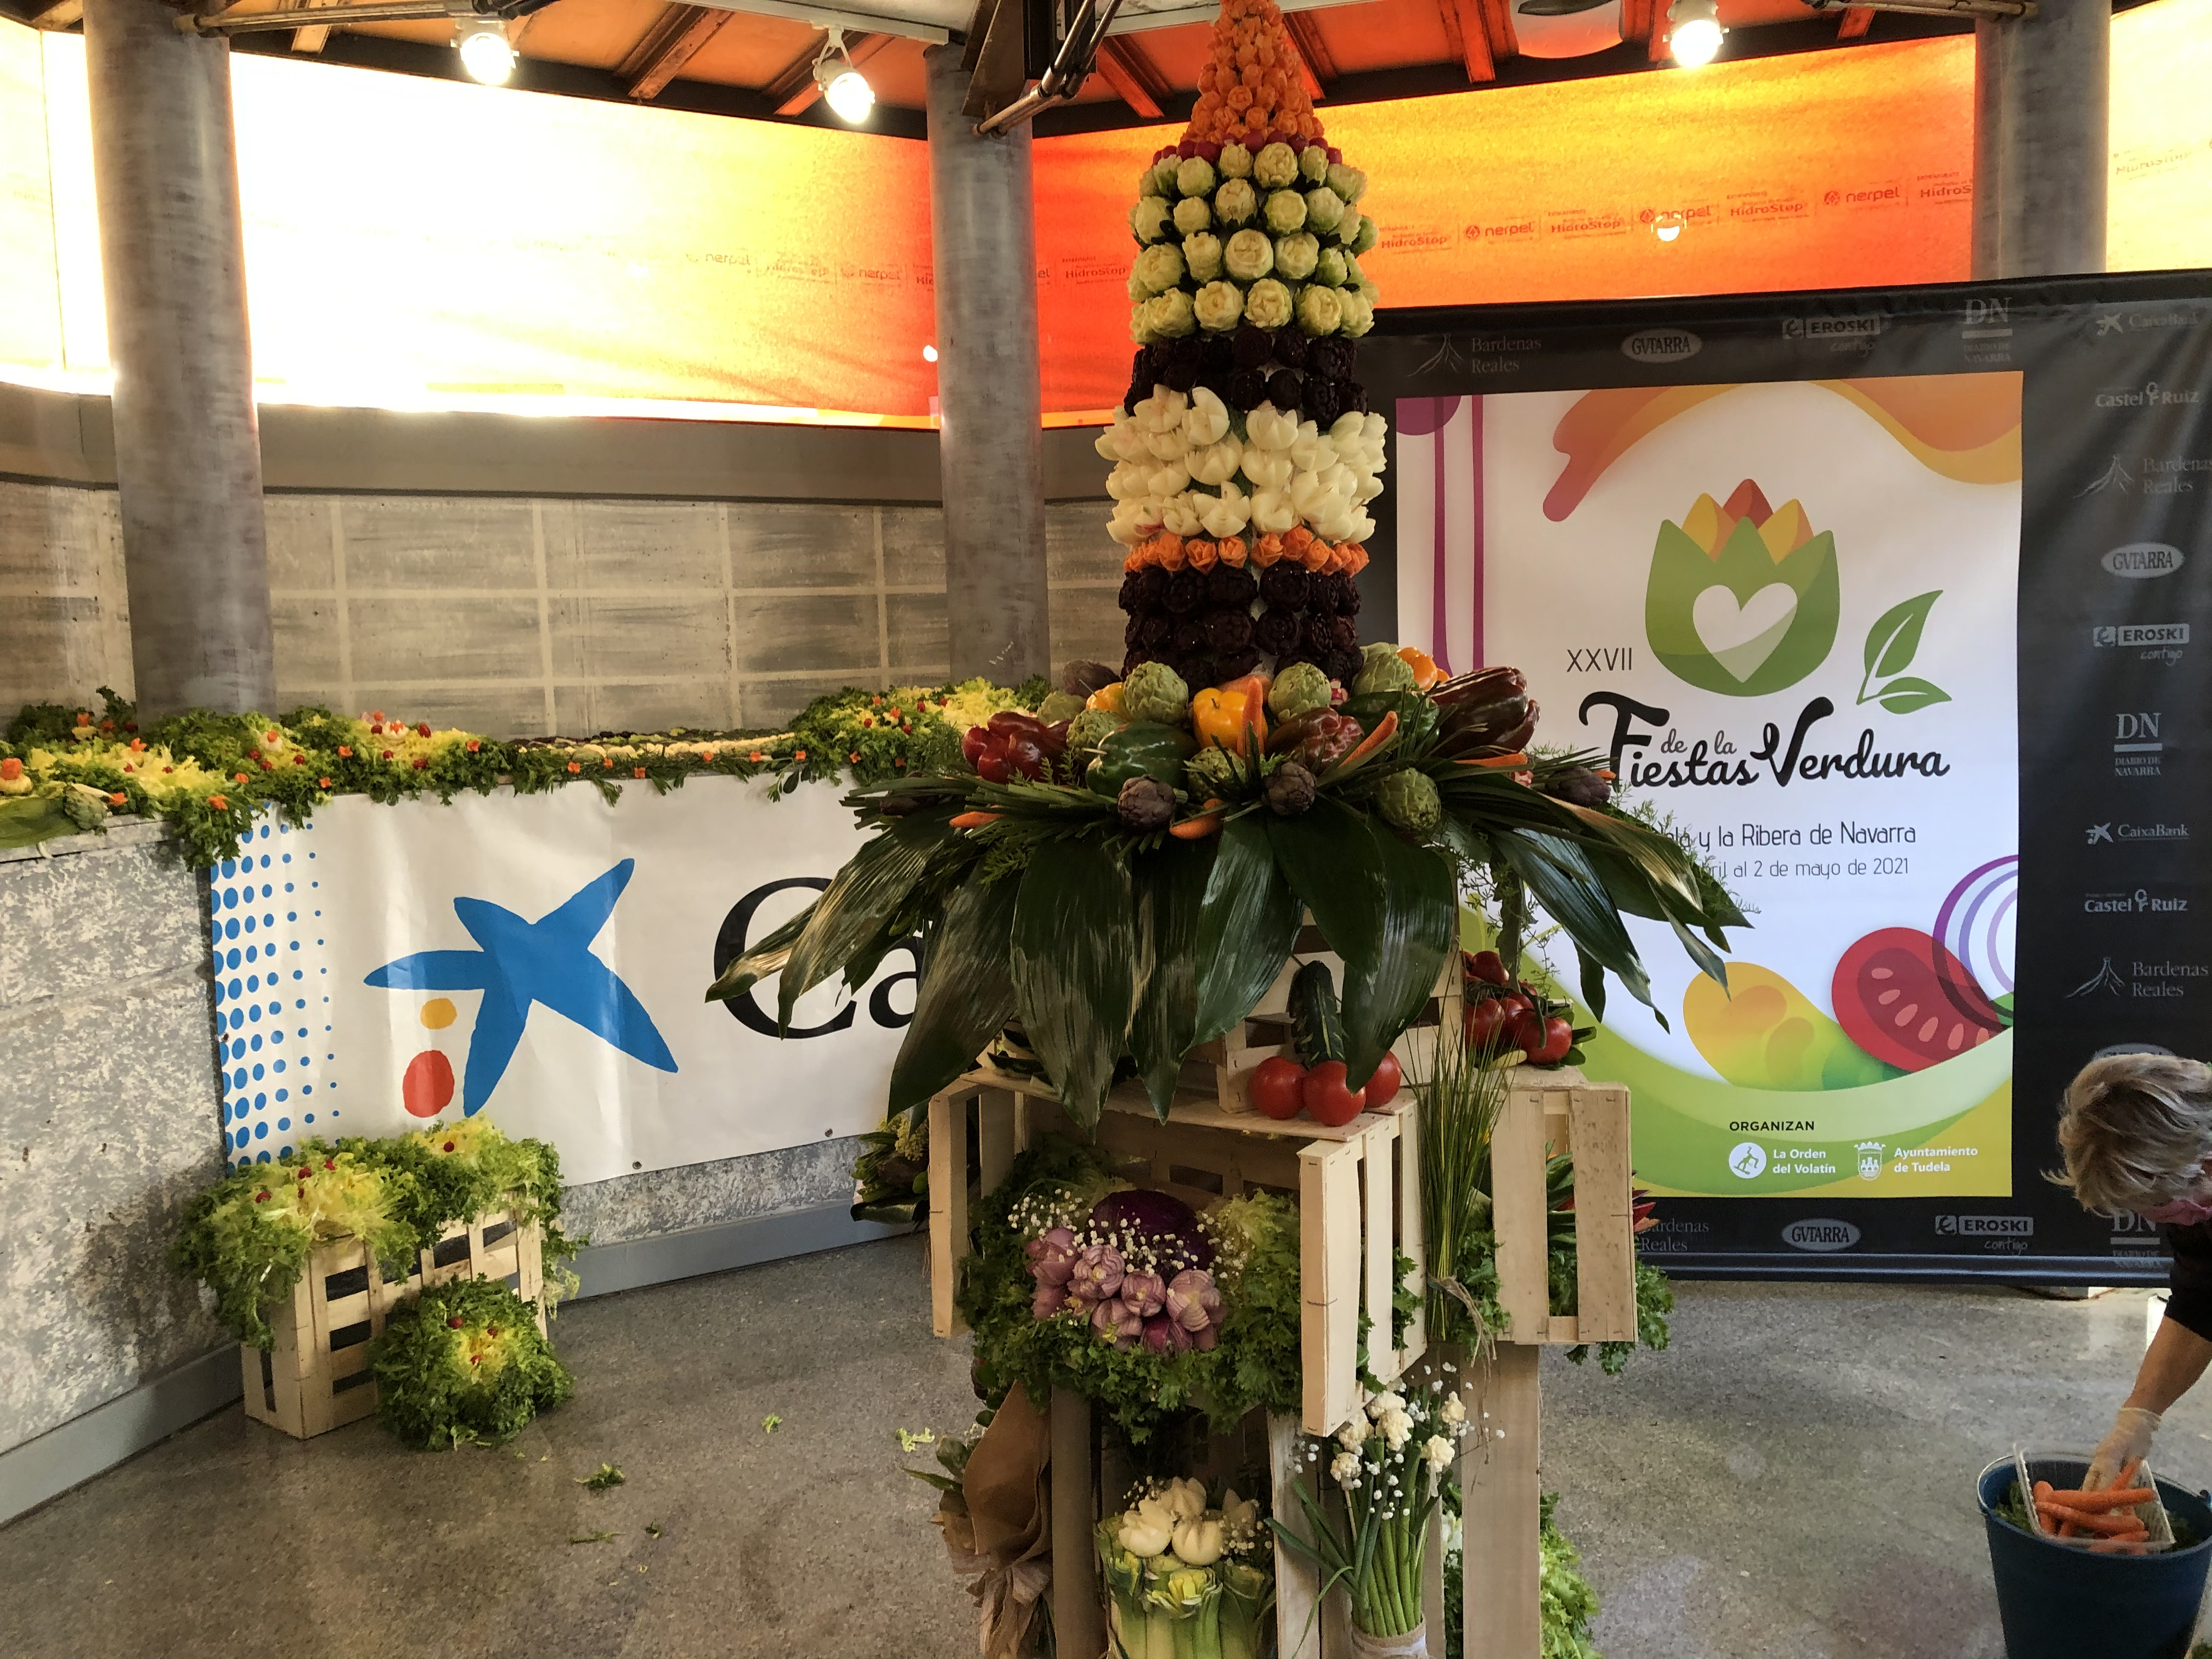 Espectacular inicio de Fiestas de la verdura por parte de la Asociación de mujeres del Barrio de Lourdes